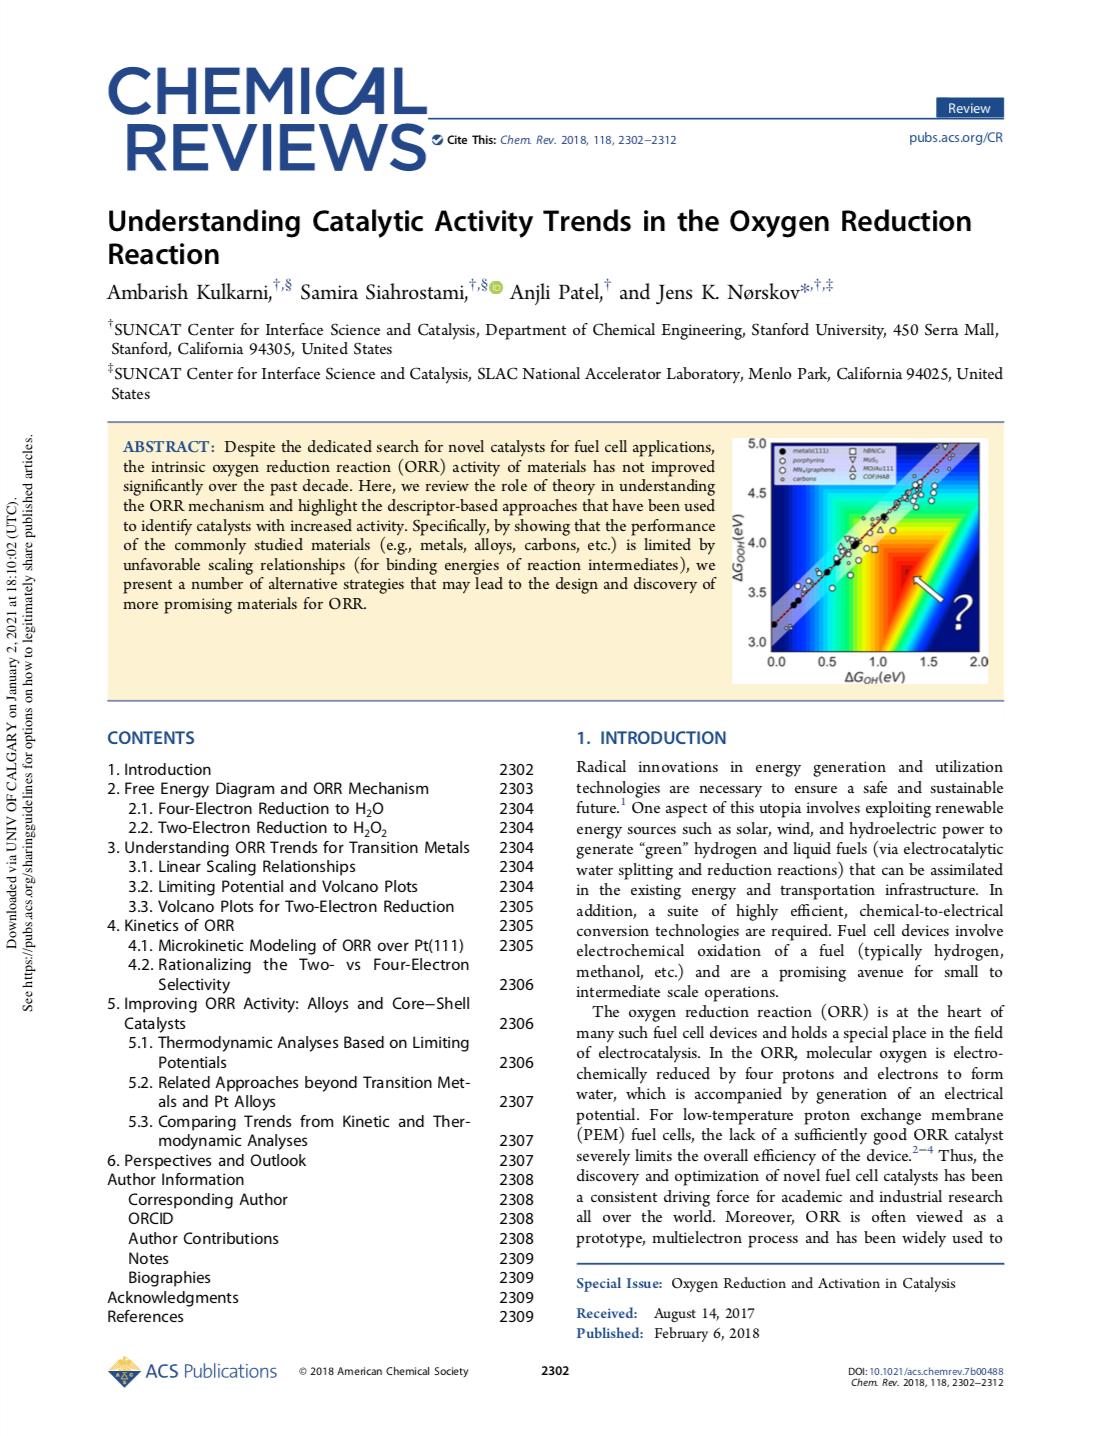 Understanding Catalytic Activity Trends in the Oxygen Reduction Reaction